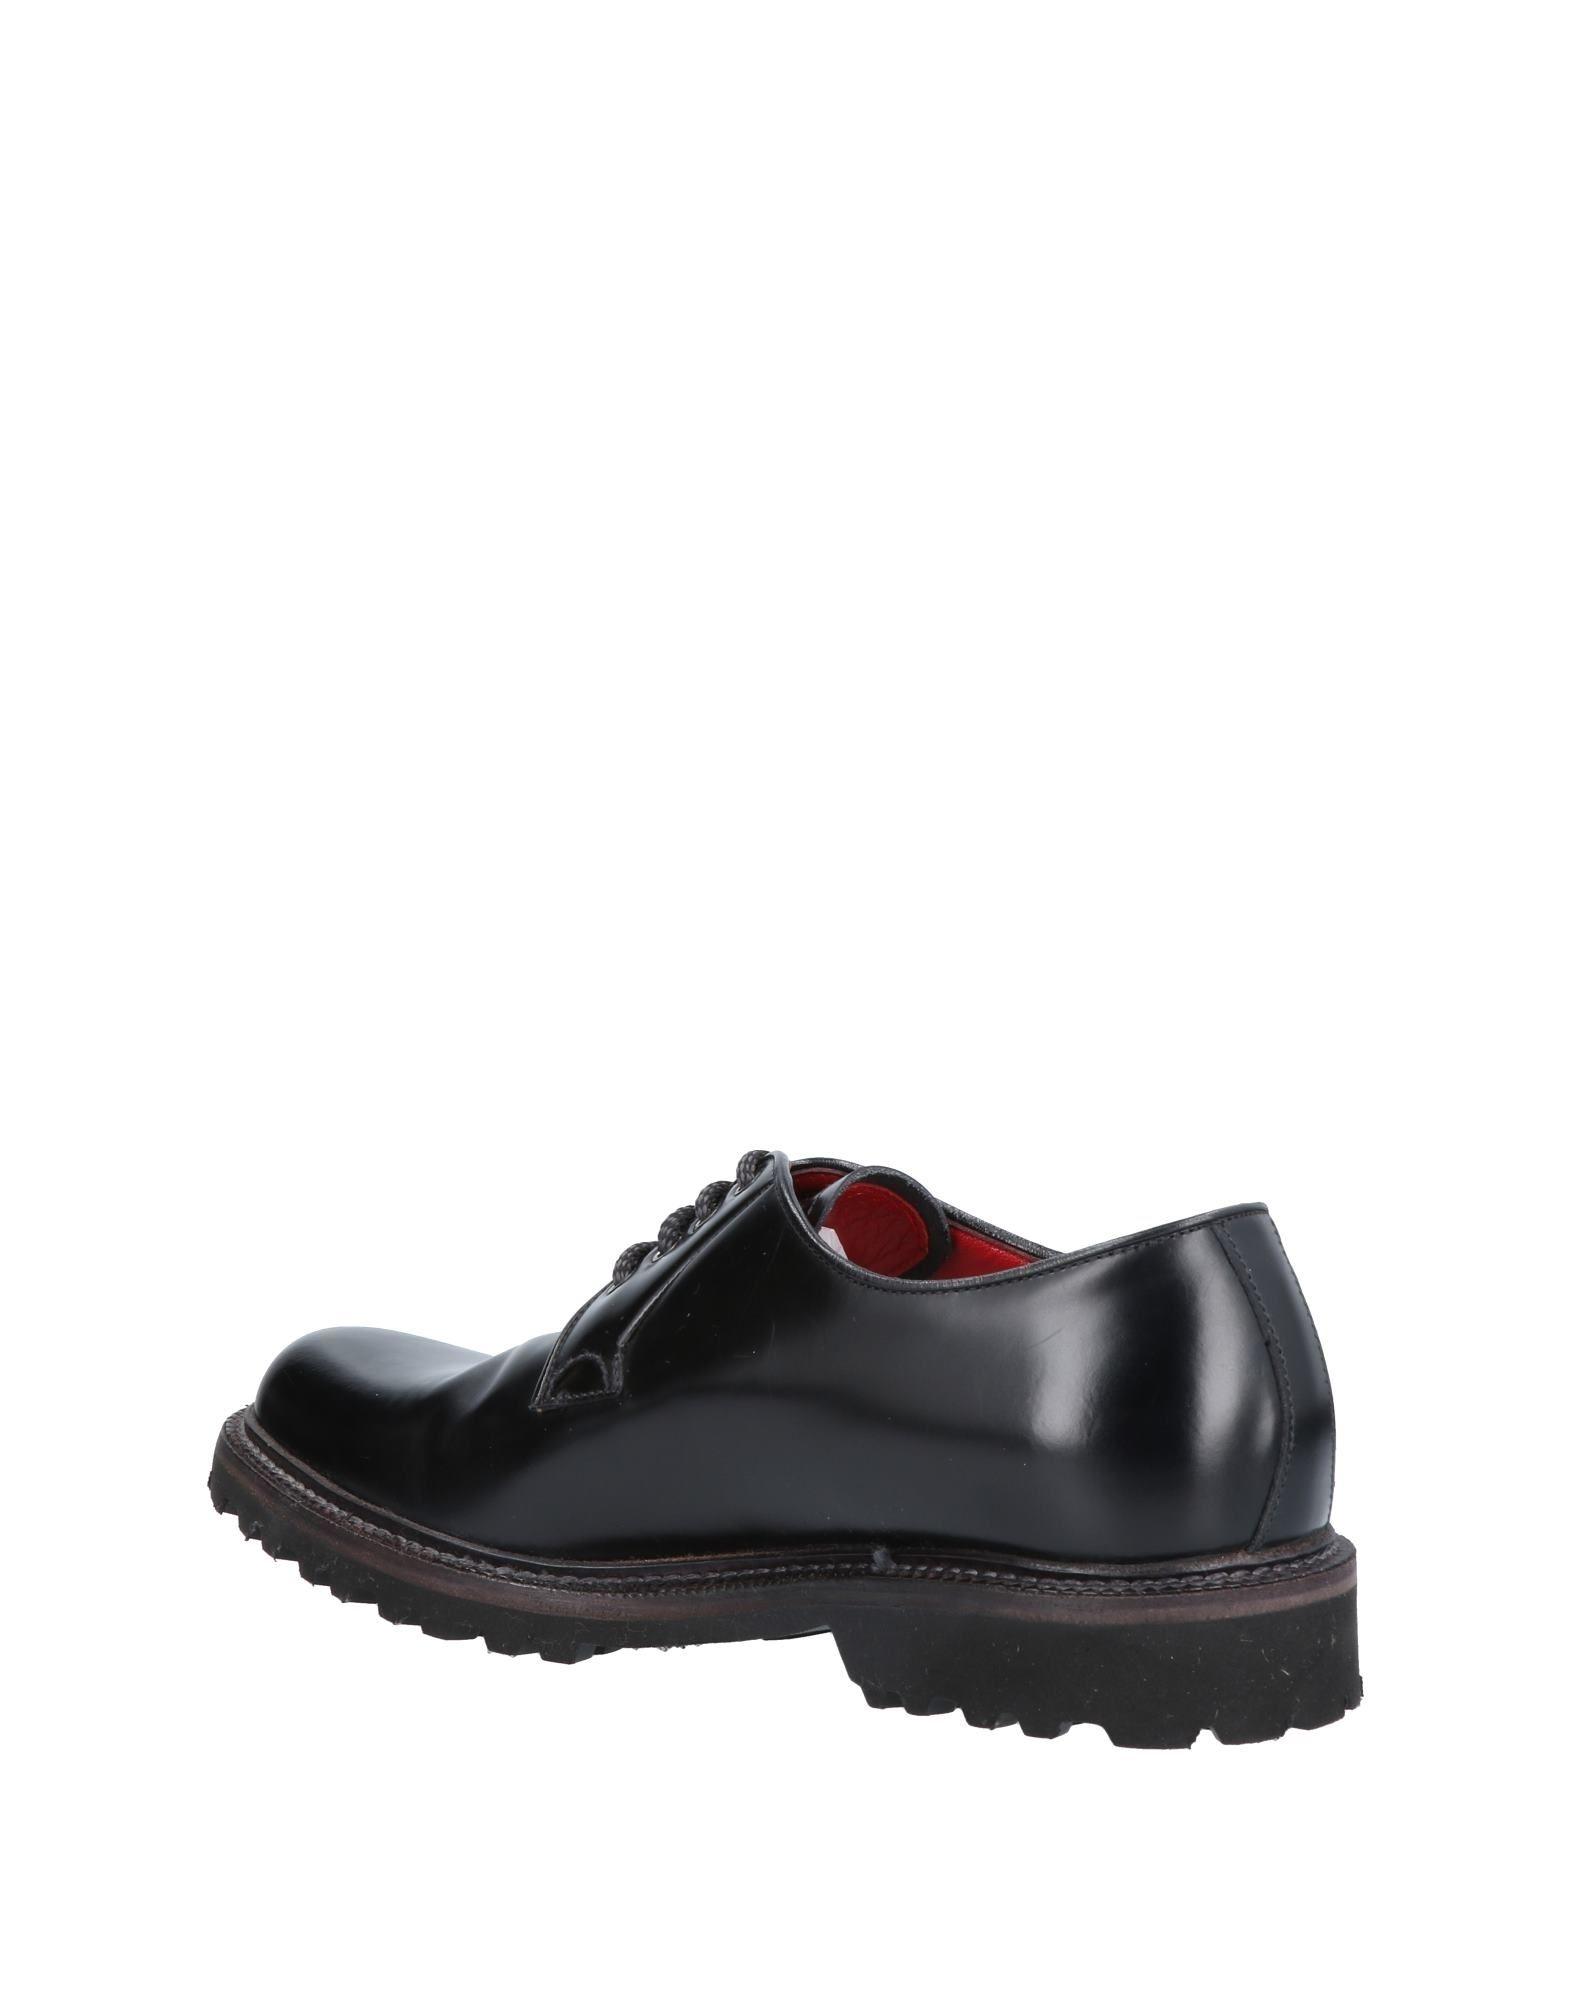 Barrett Schnürschuhe Herren  11456184WR Heiße Heiße Heiße Schuhe 5be9ac